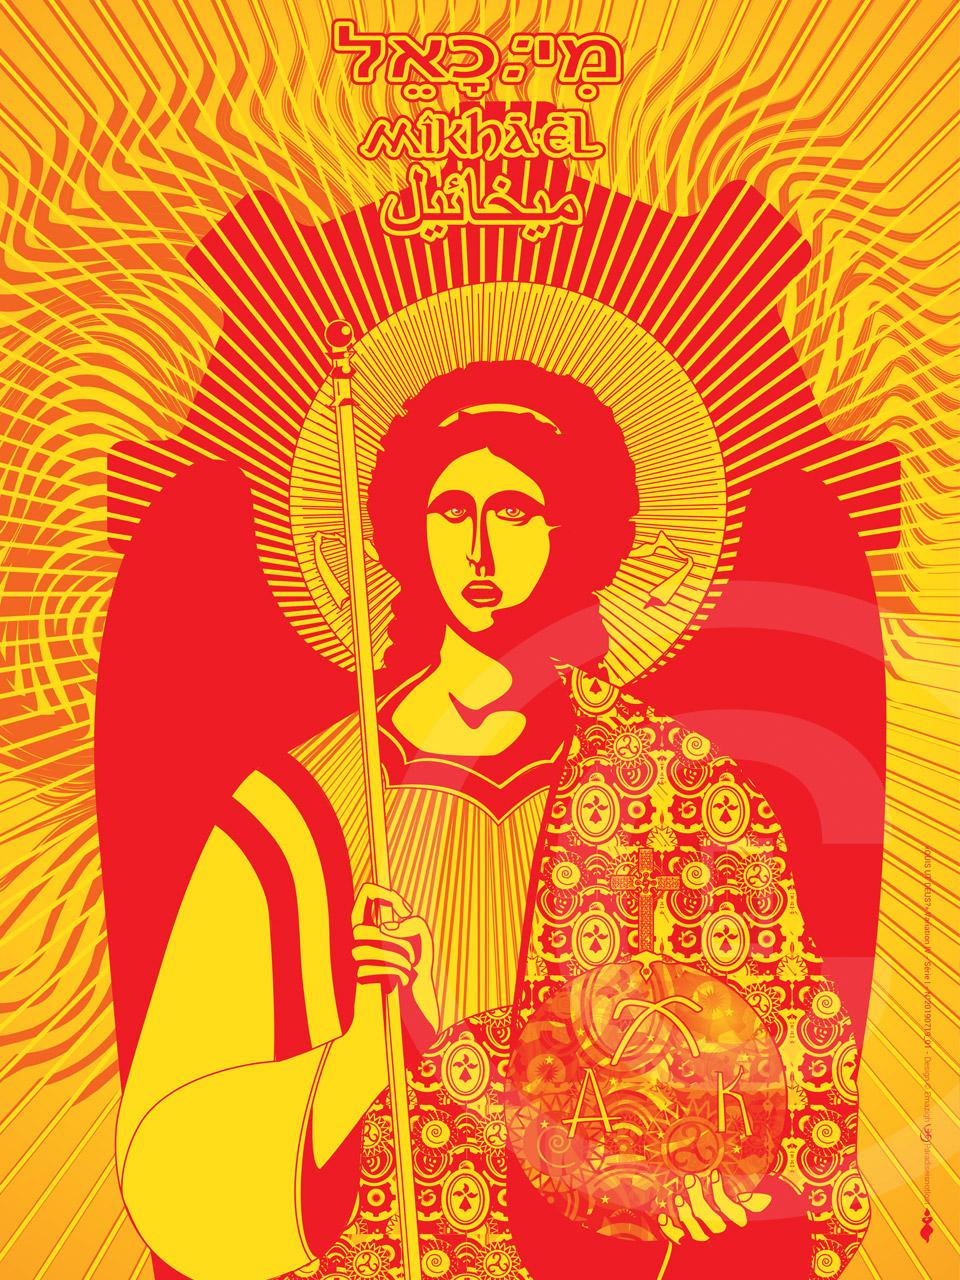 Icônographie digitale de Saint-Michel Archange Variation AR SEIZ BREUR 2019